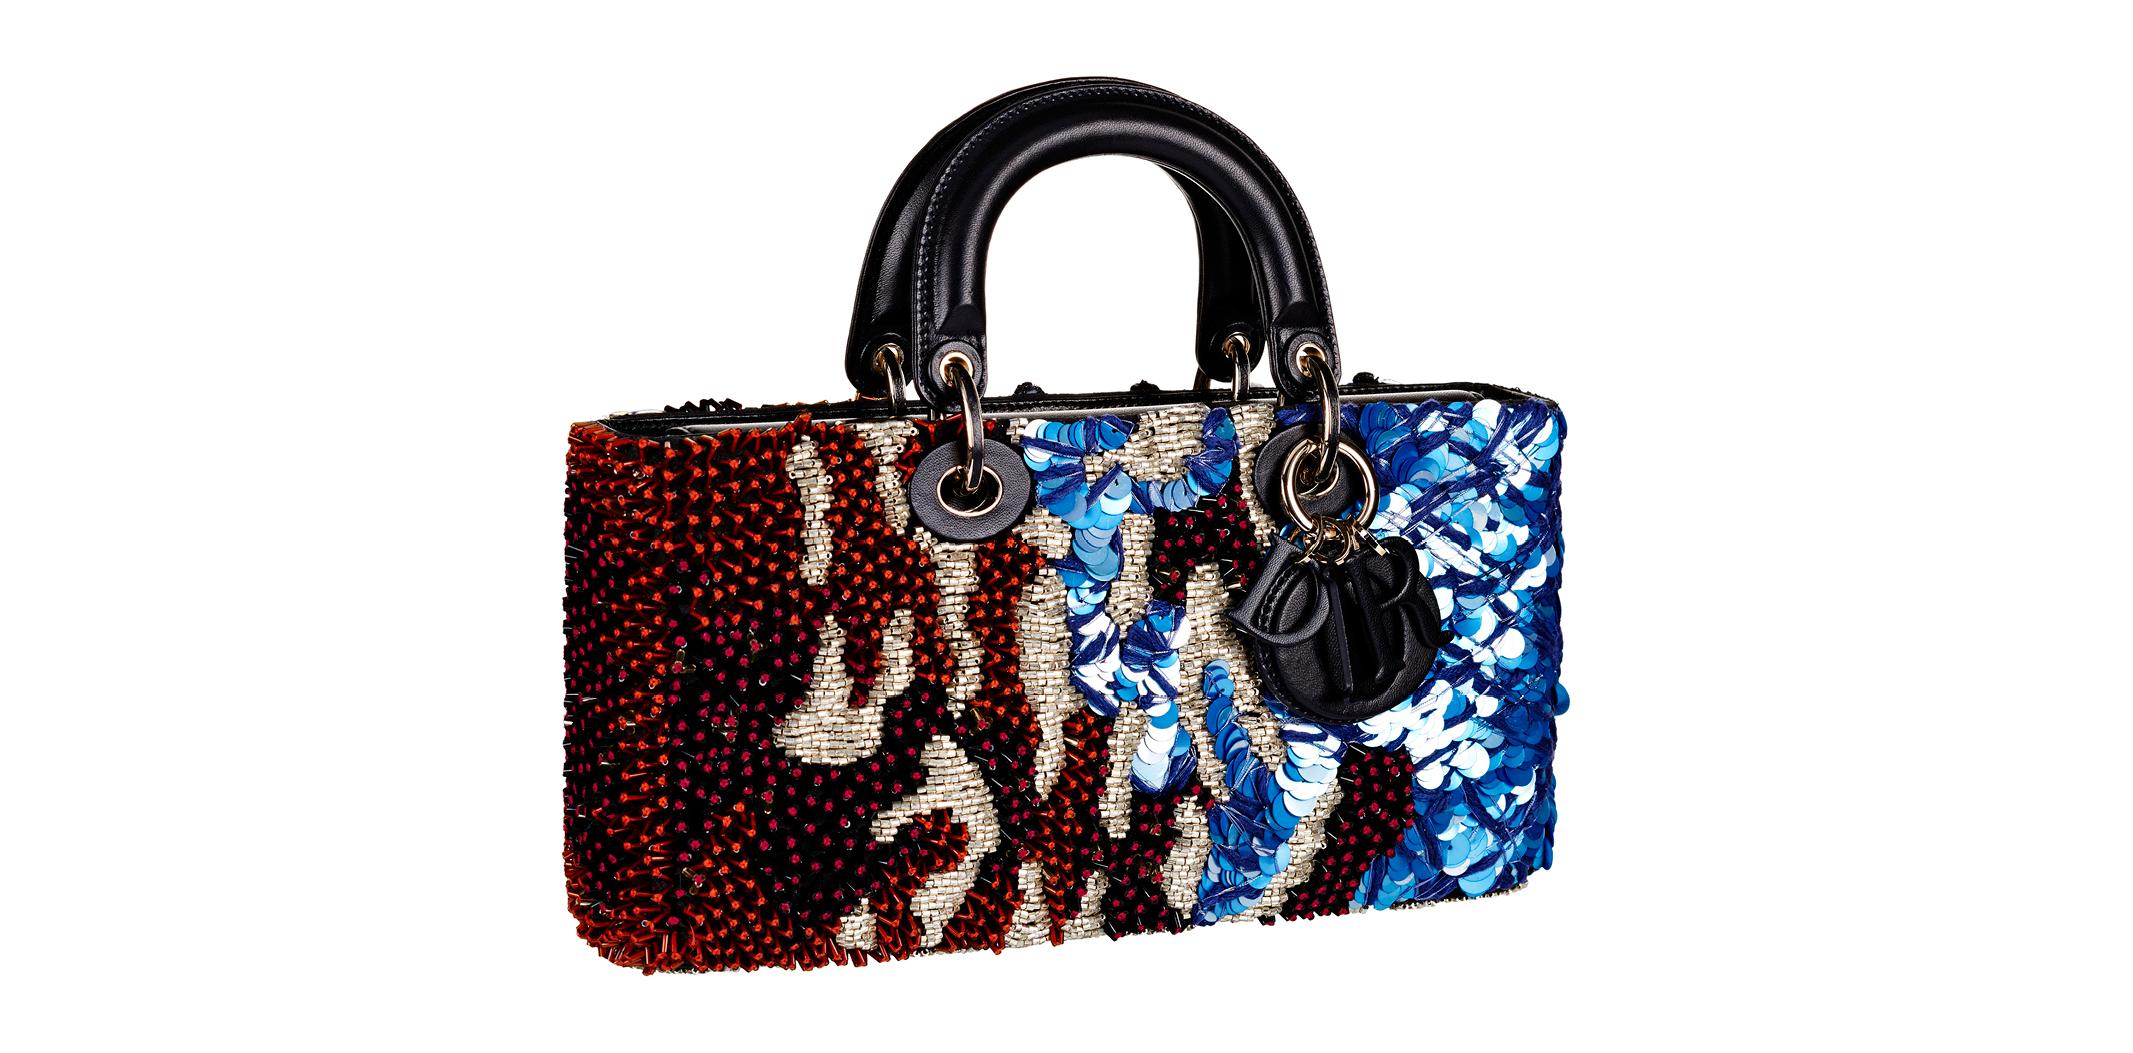 L'objet fétiche de la semaine : le sac Dior brodé